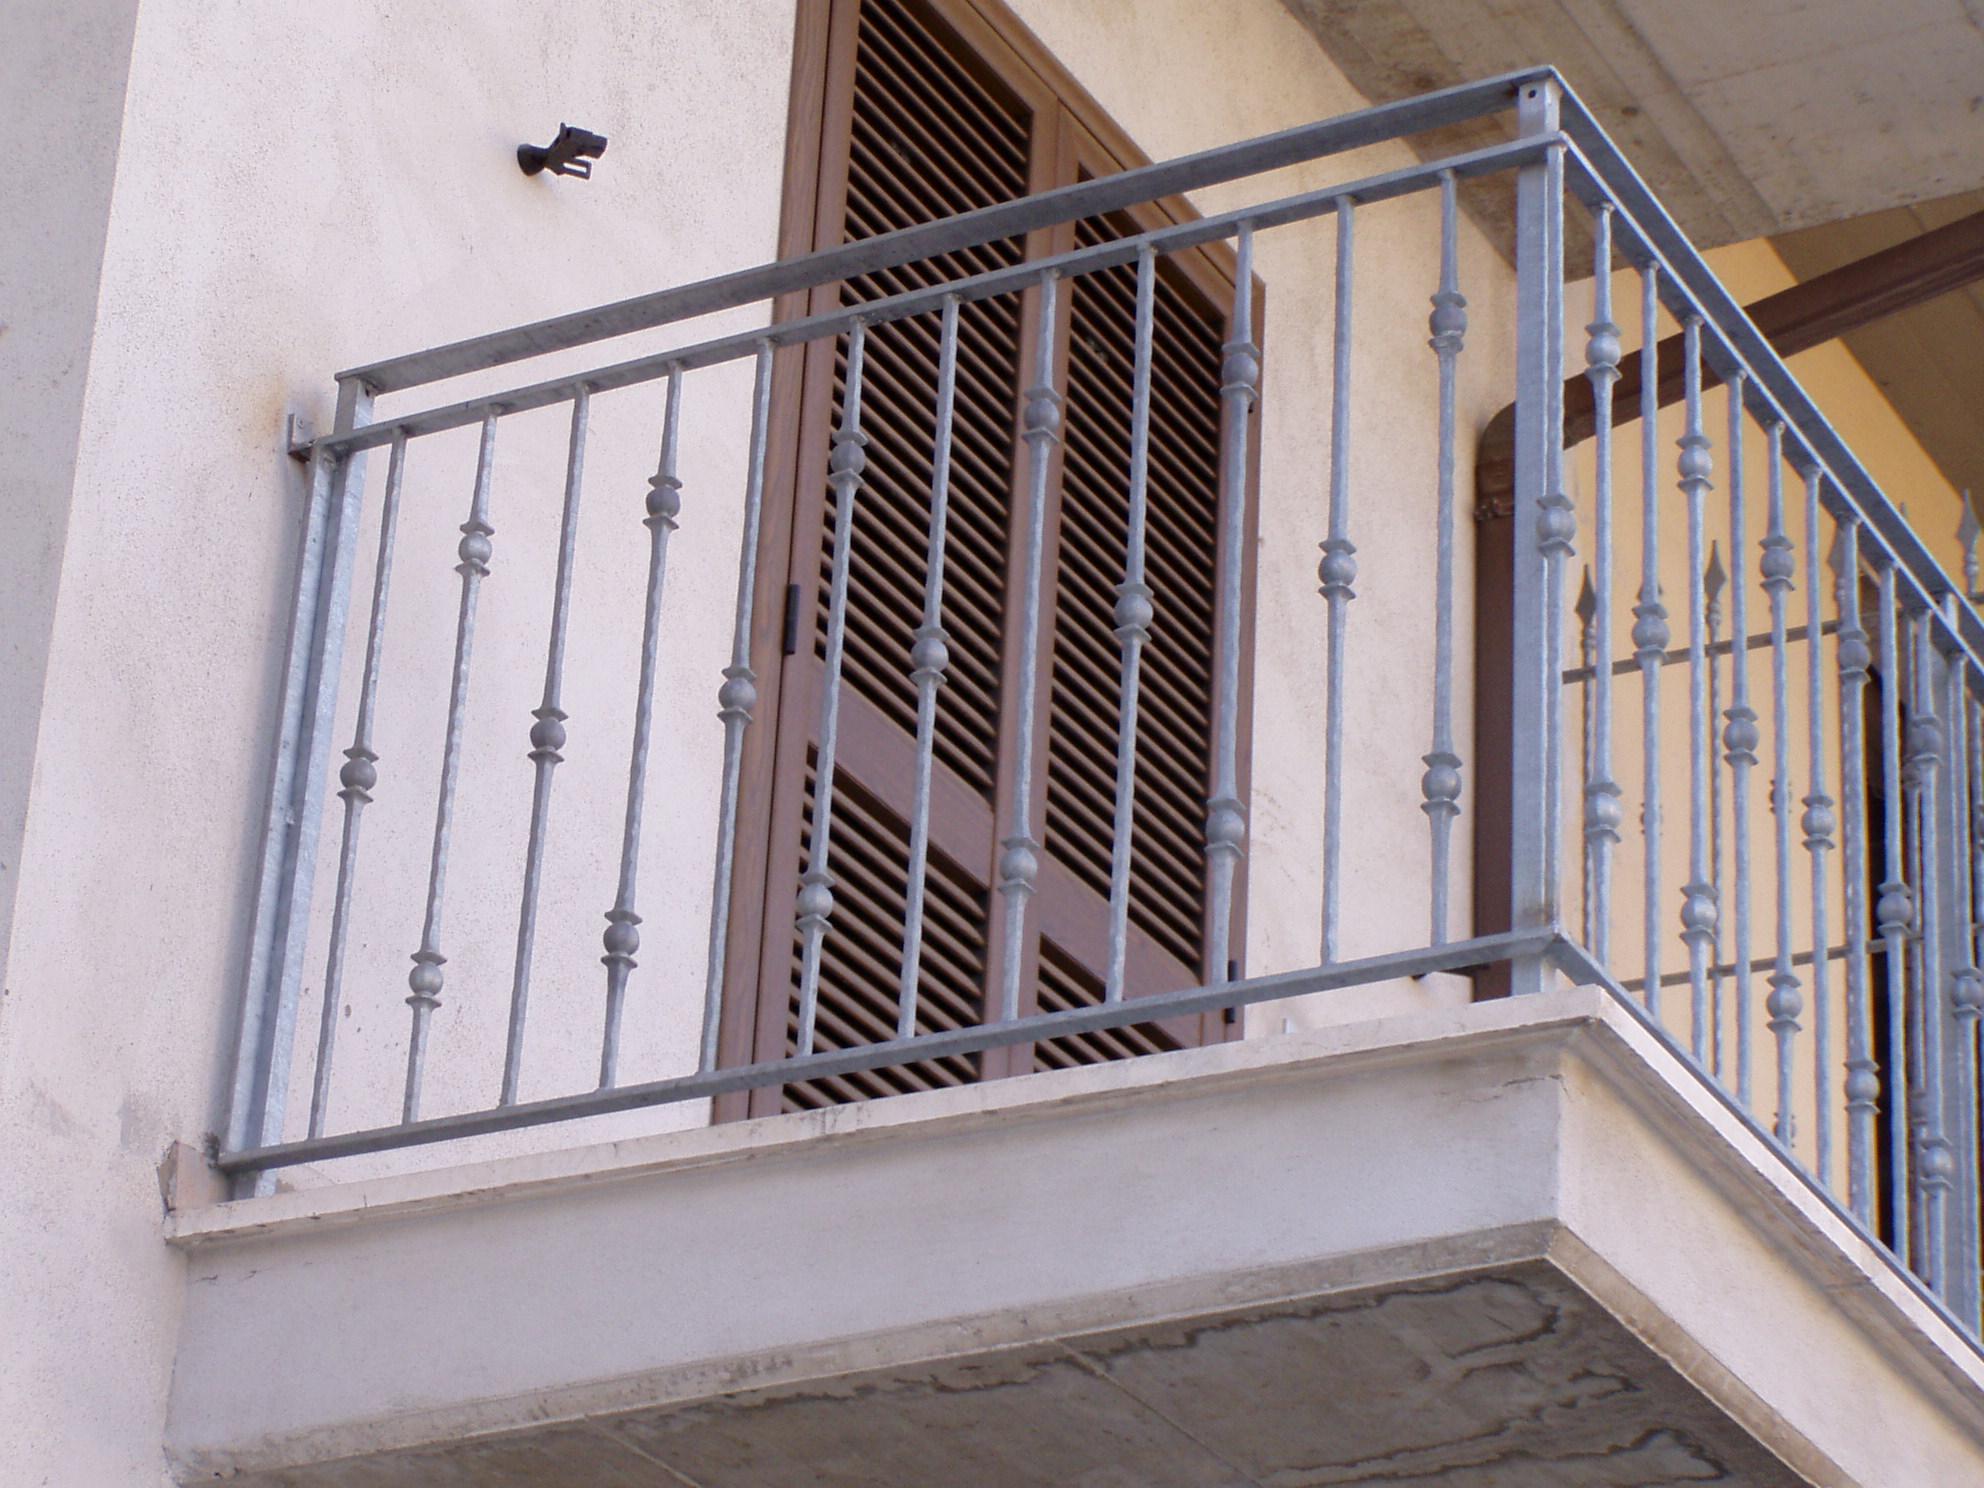 Aloisi daniele infissi in ferro e alluminio ferro for Infissi balcone